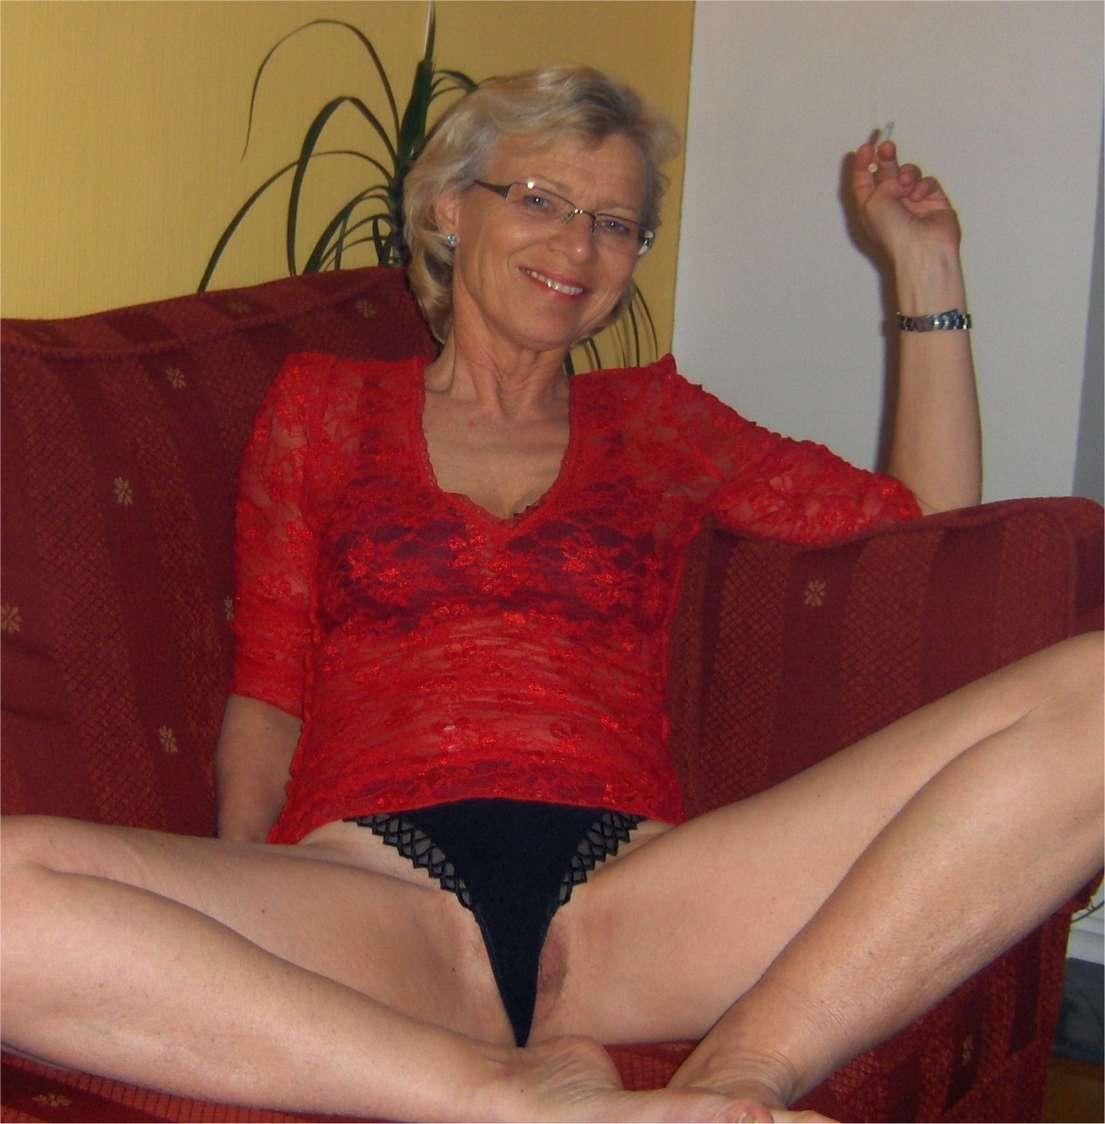 Une vieille salope a soif de sodomie - 2 part 8